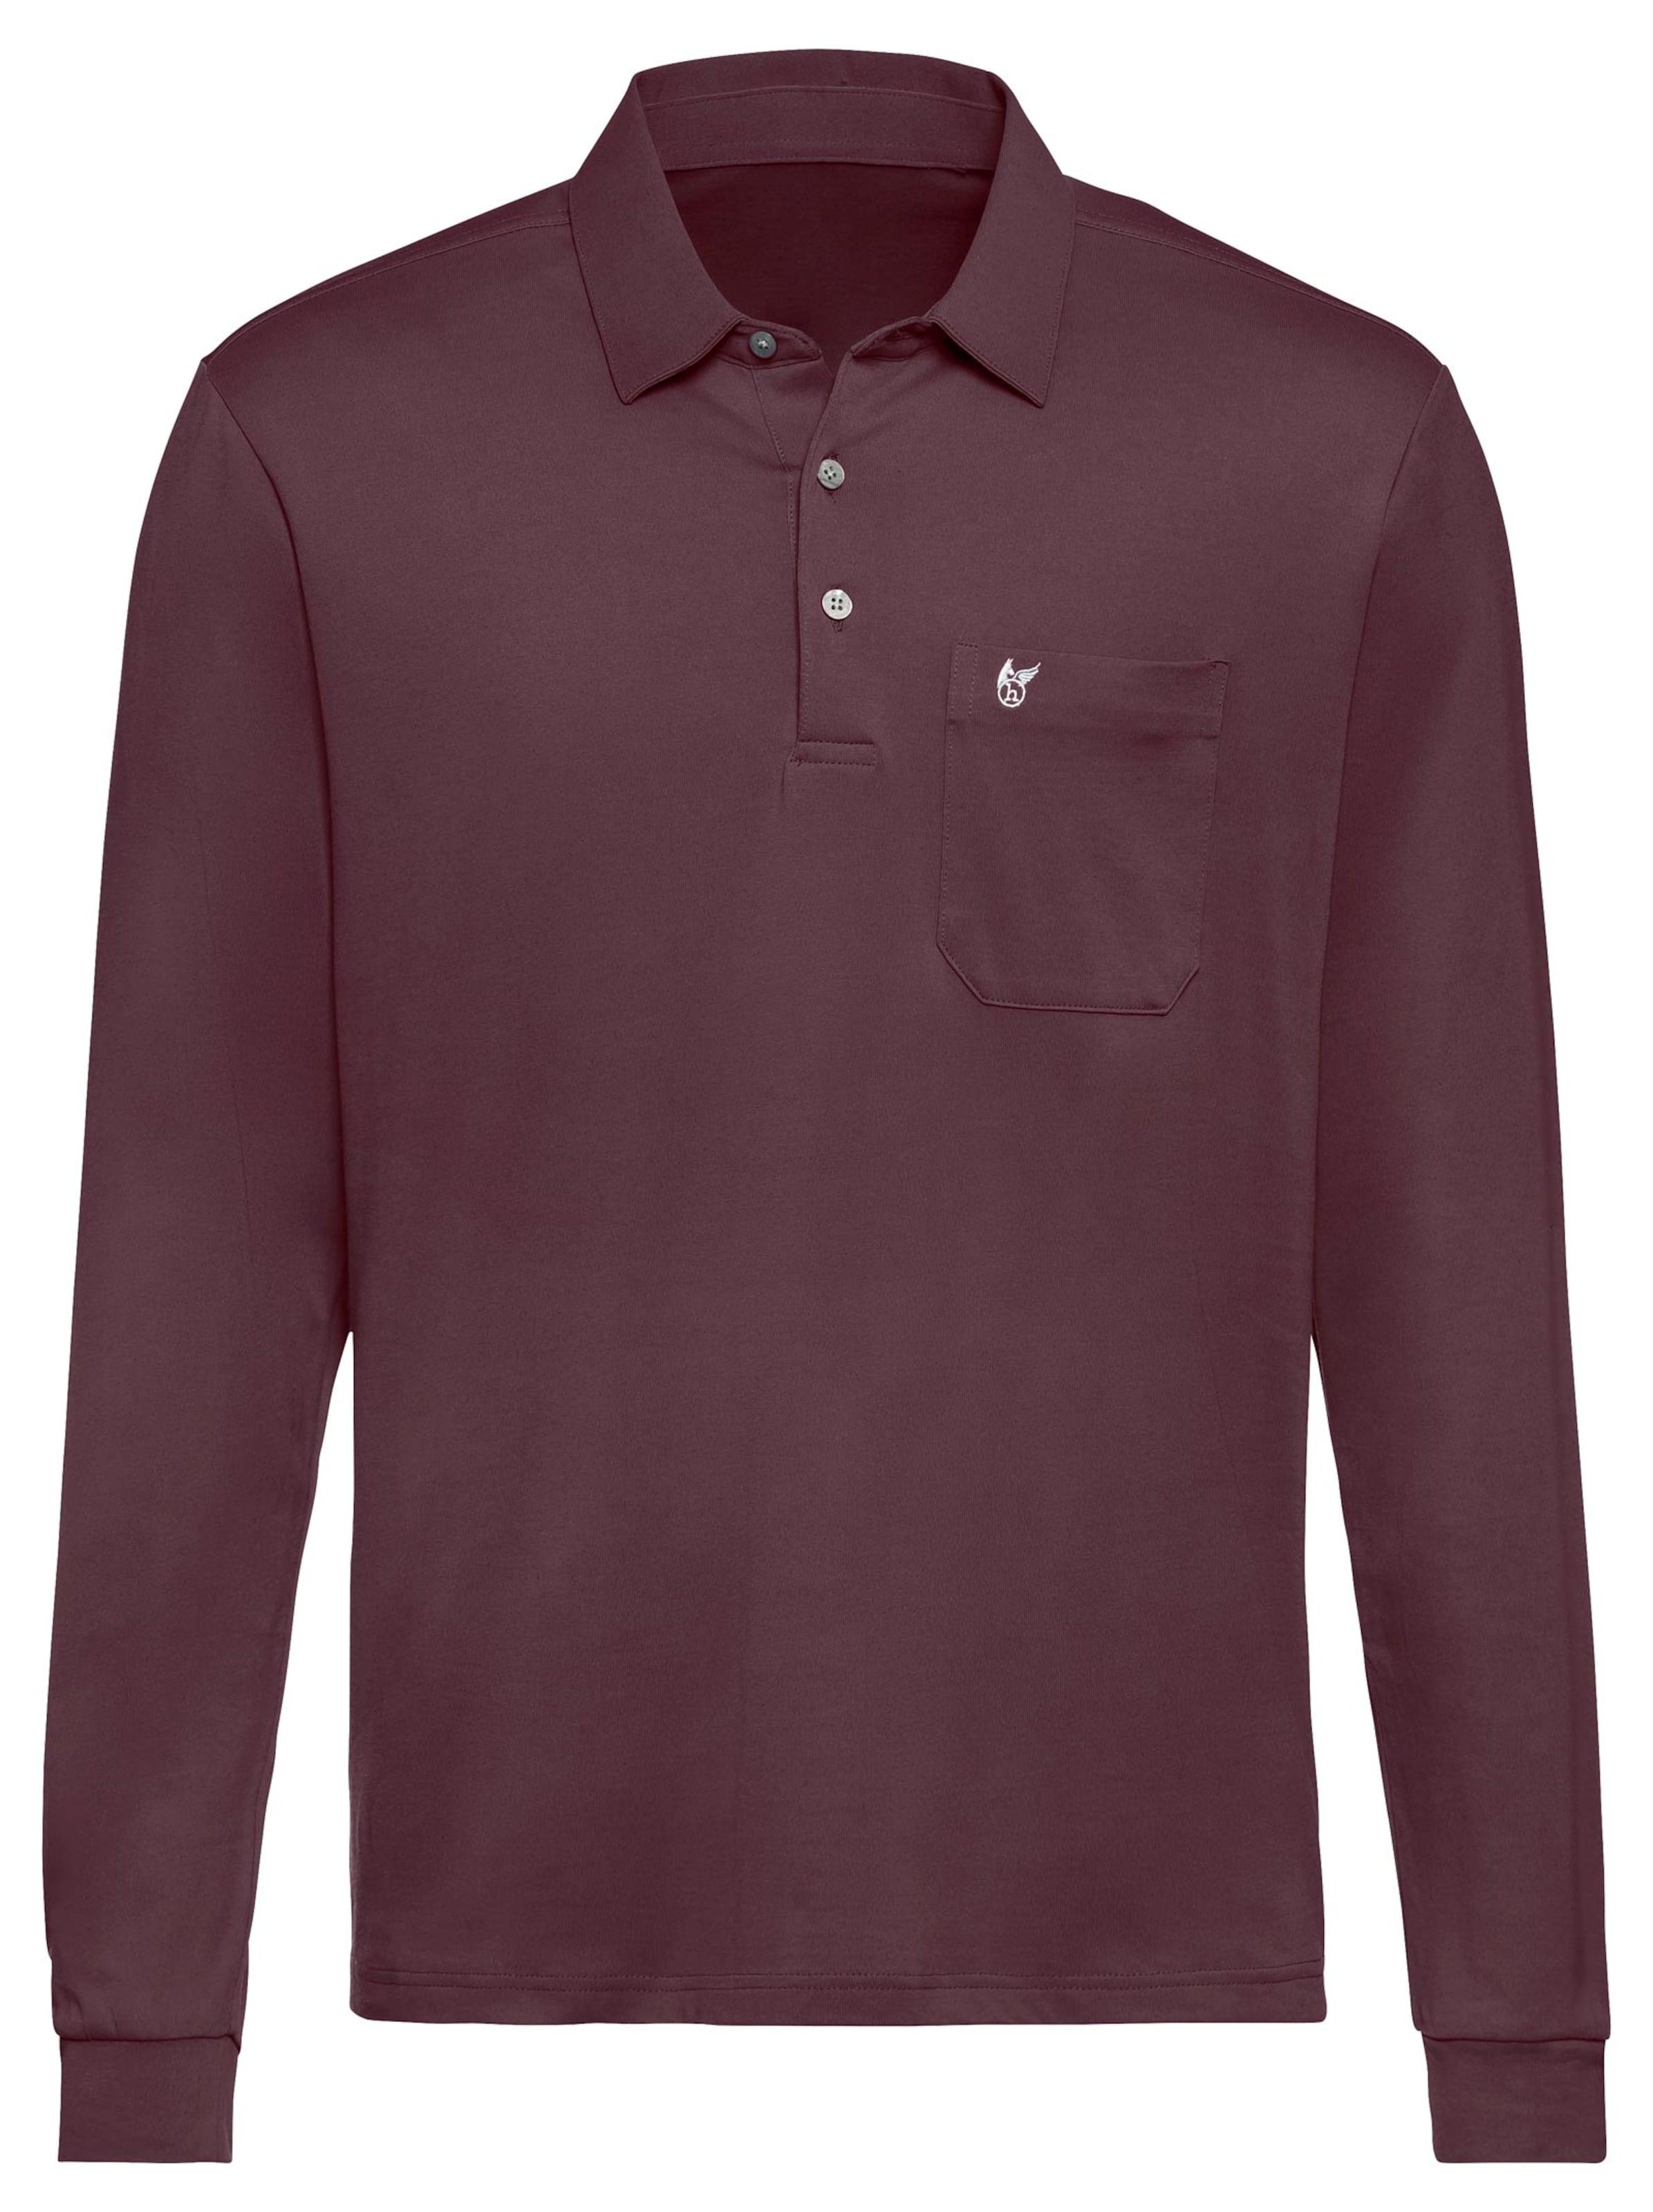 hajo - Witt Weiden Herren Langarm-Poloshirt burgund